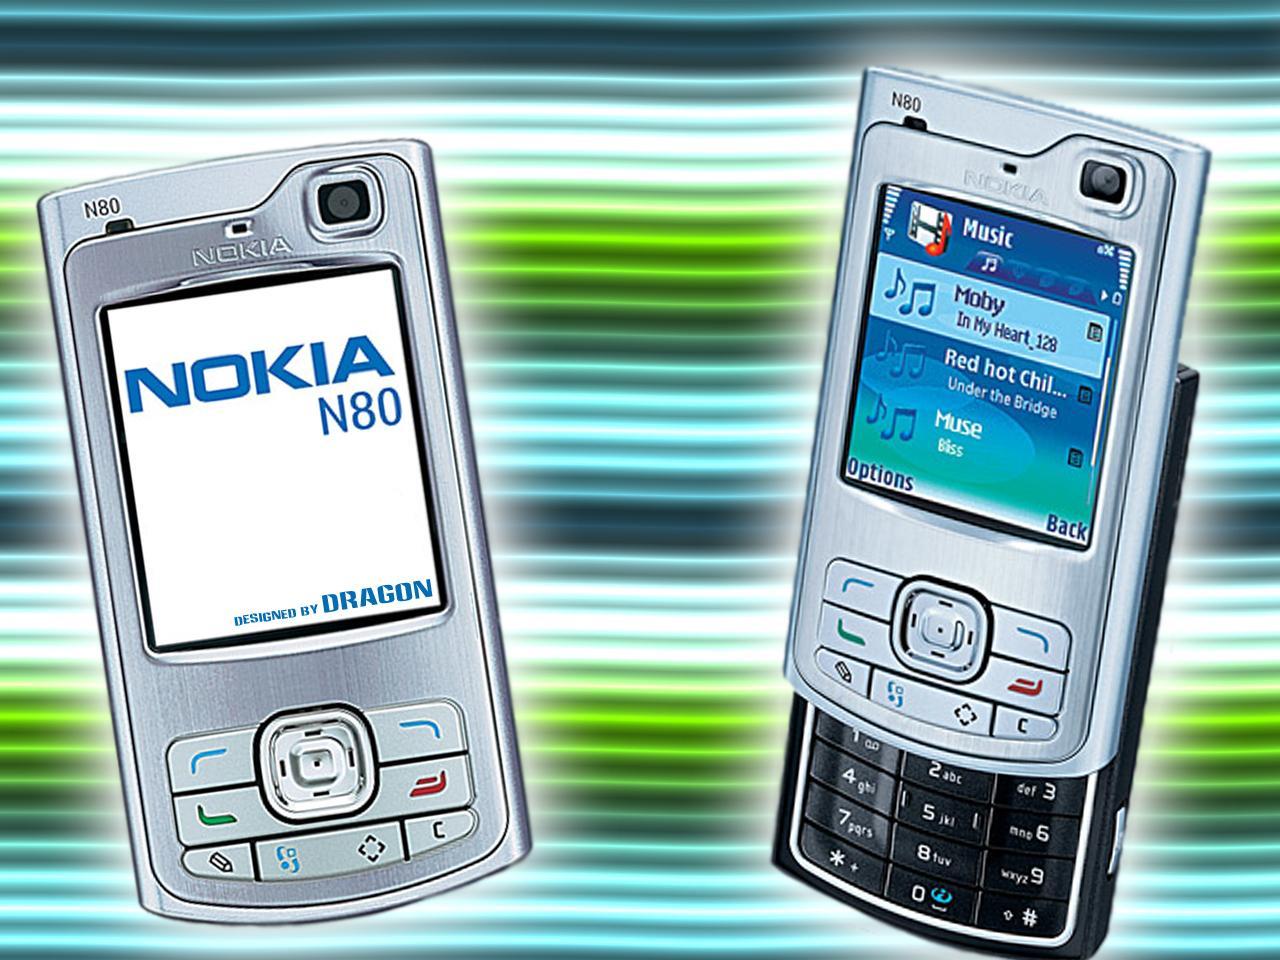 http://2.bp.blogspot.com/_SJZzHWvv1FE/TStKQaSYU6I/AAAAAAAAGOA/X0lo5Ys6lNE/s1600/Nokia_N80.jpg